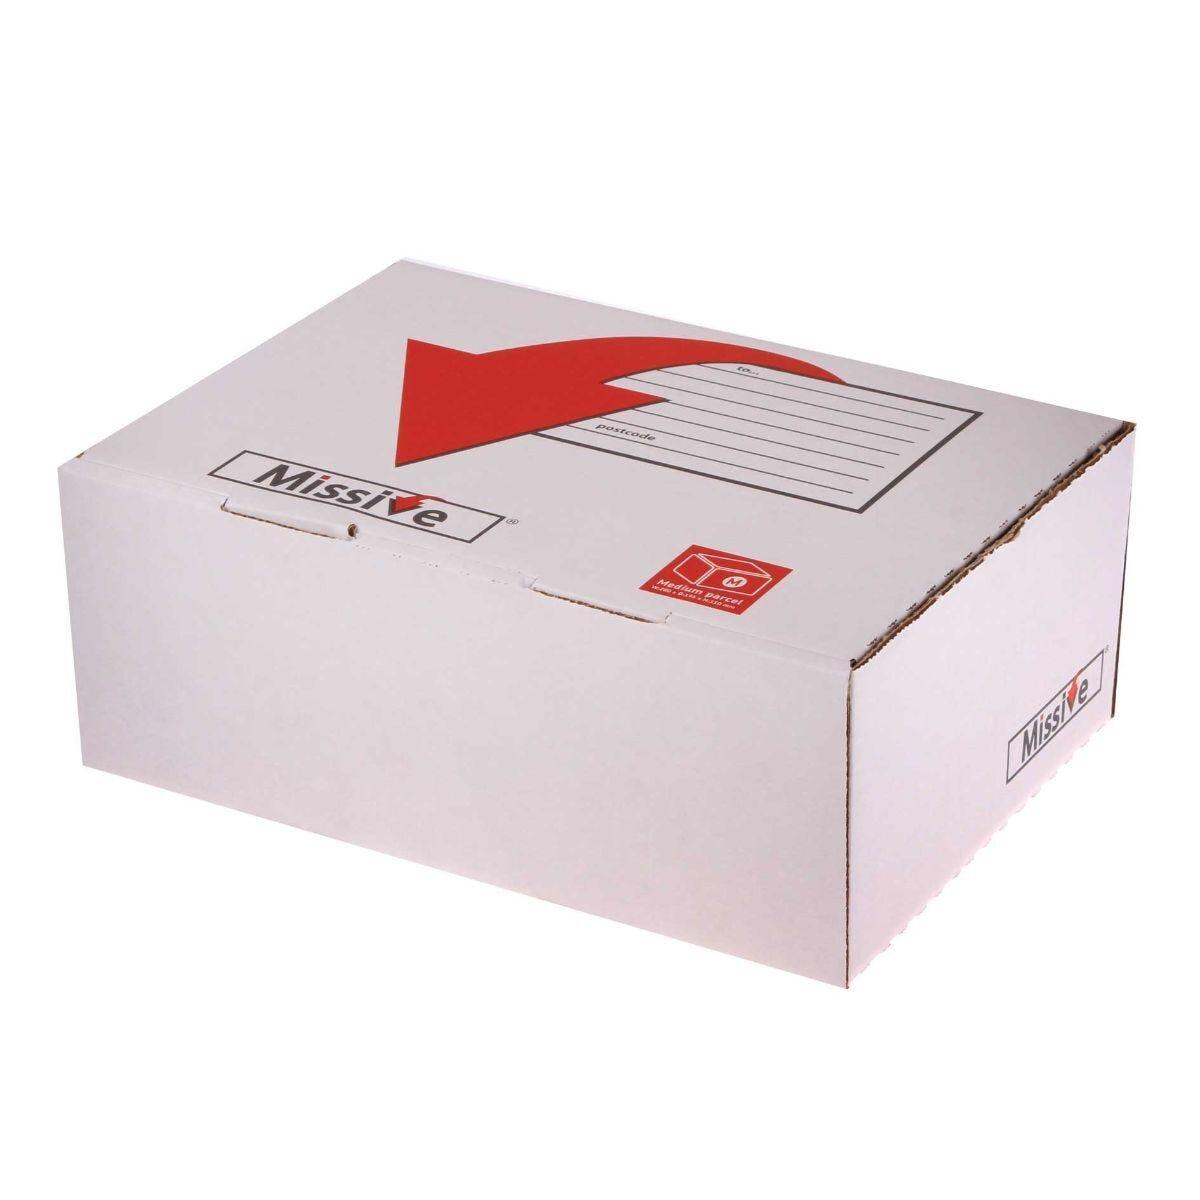 Missive Small Postal Box 280x195x110mm